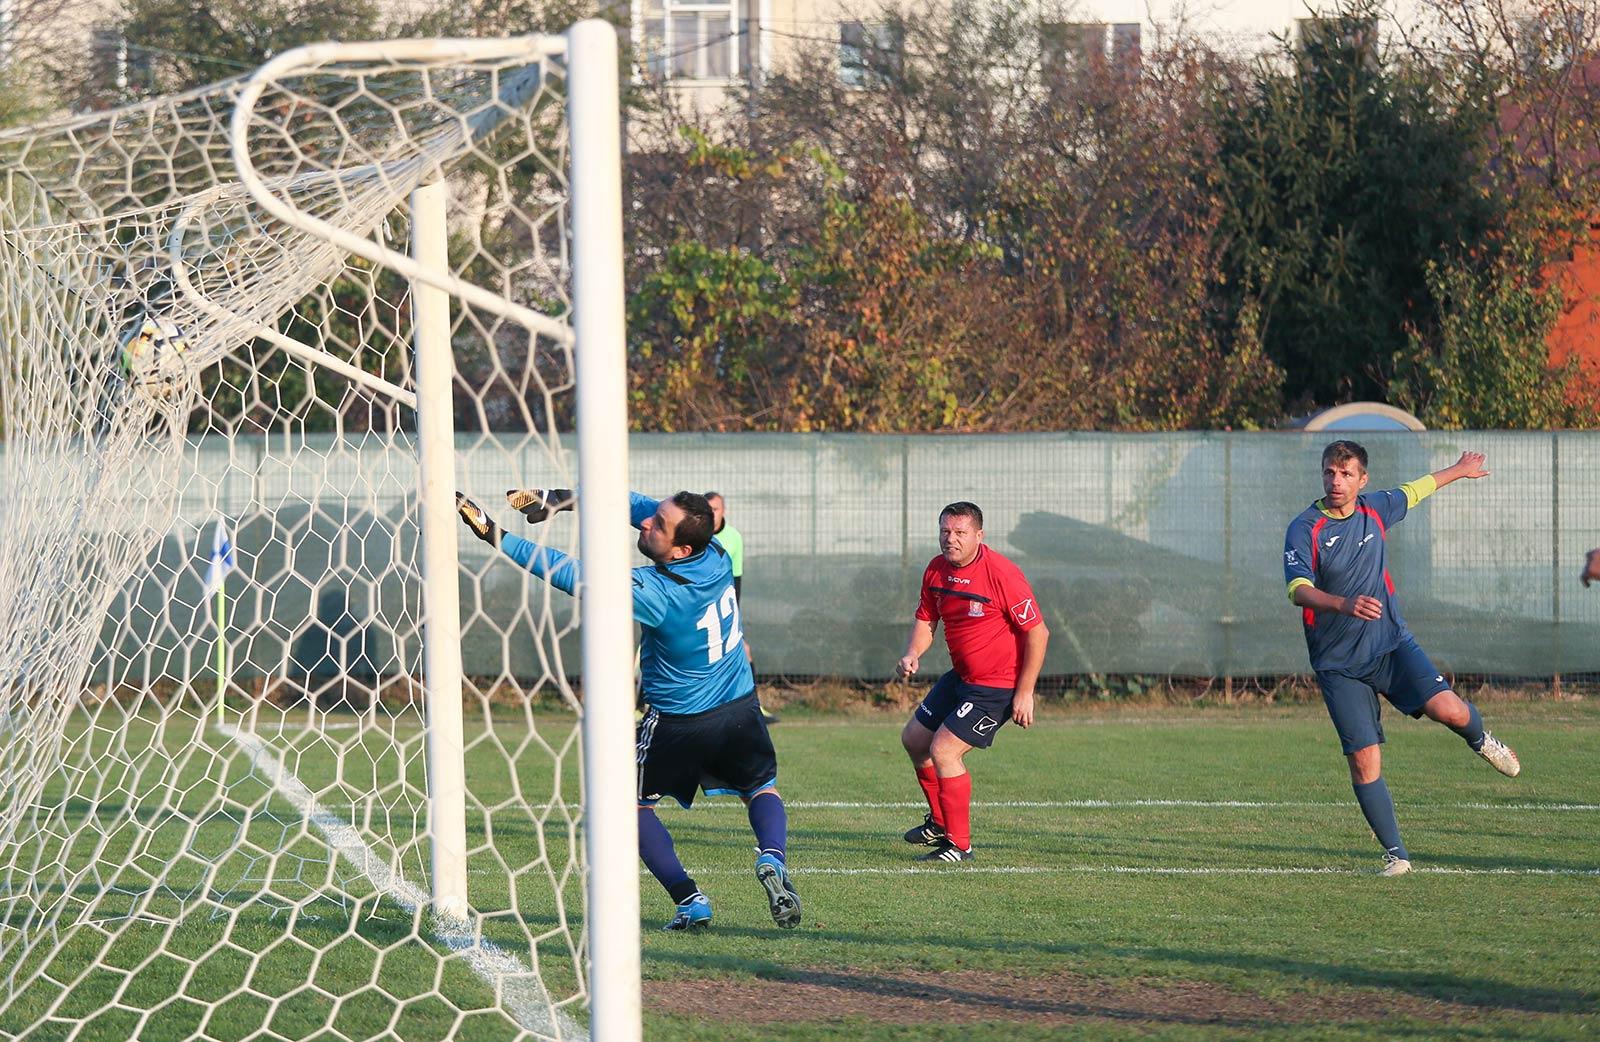 FC Union - MetalPlast 5-4 / Vali Bădoi